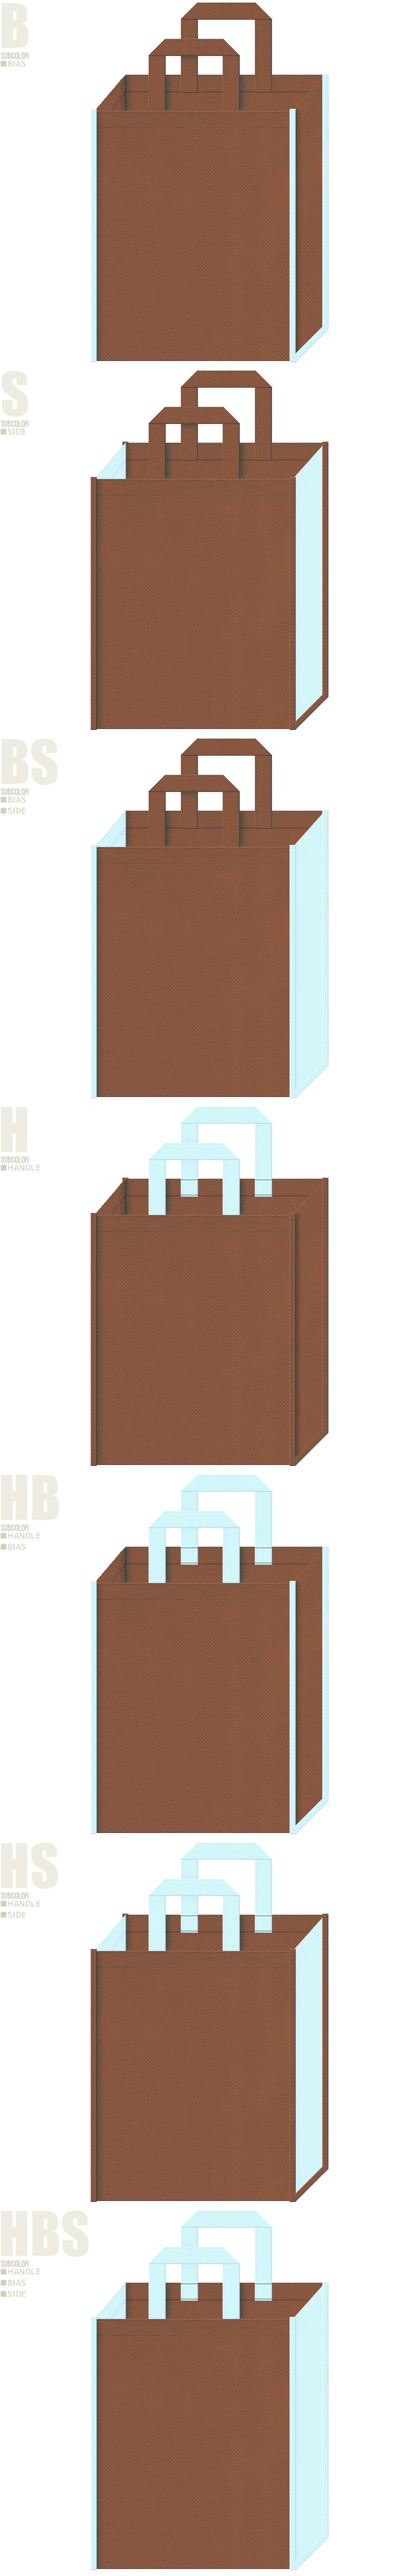 日焼け止めローションのショッピングバッグにお奨めです。茶色と水色、7パターンの不織布トートバッグ配色デザイン例。ミントチョコ風。